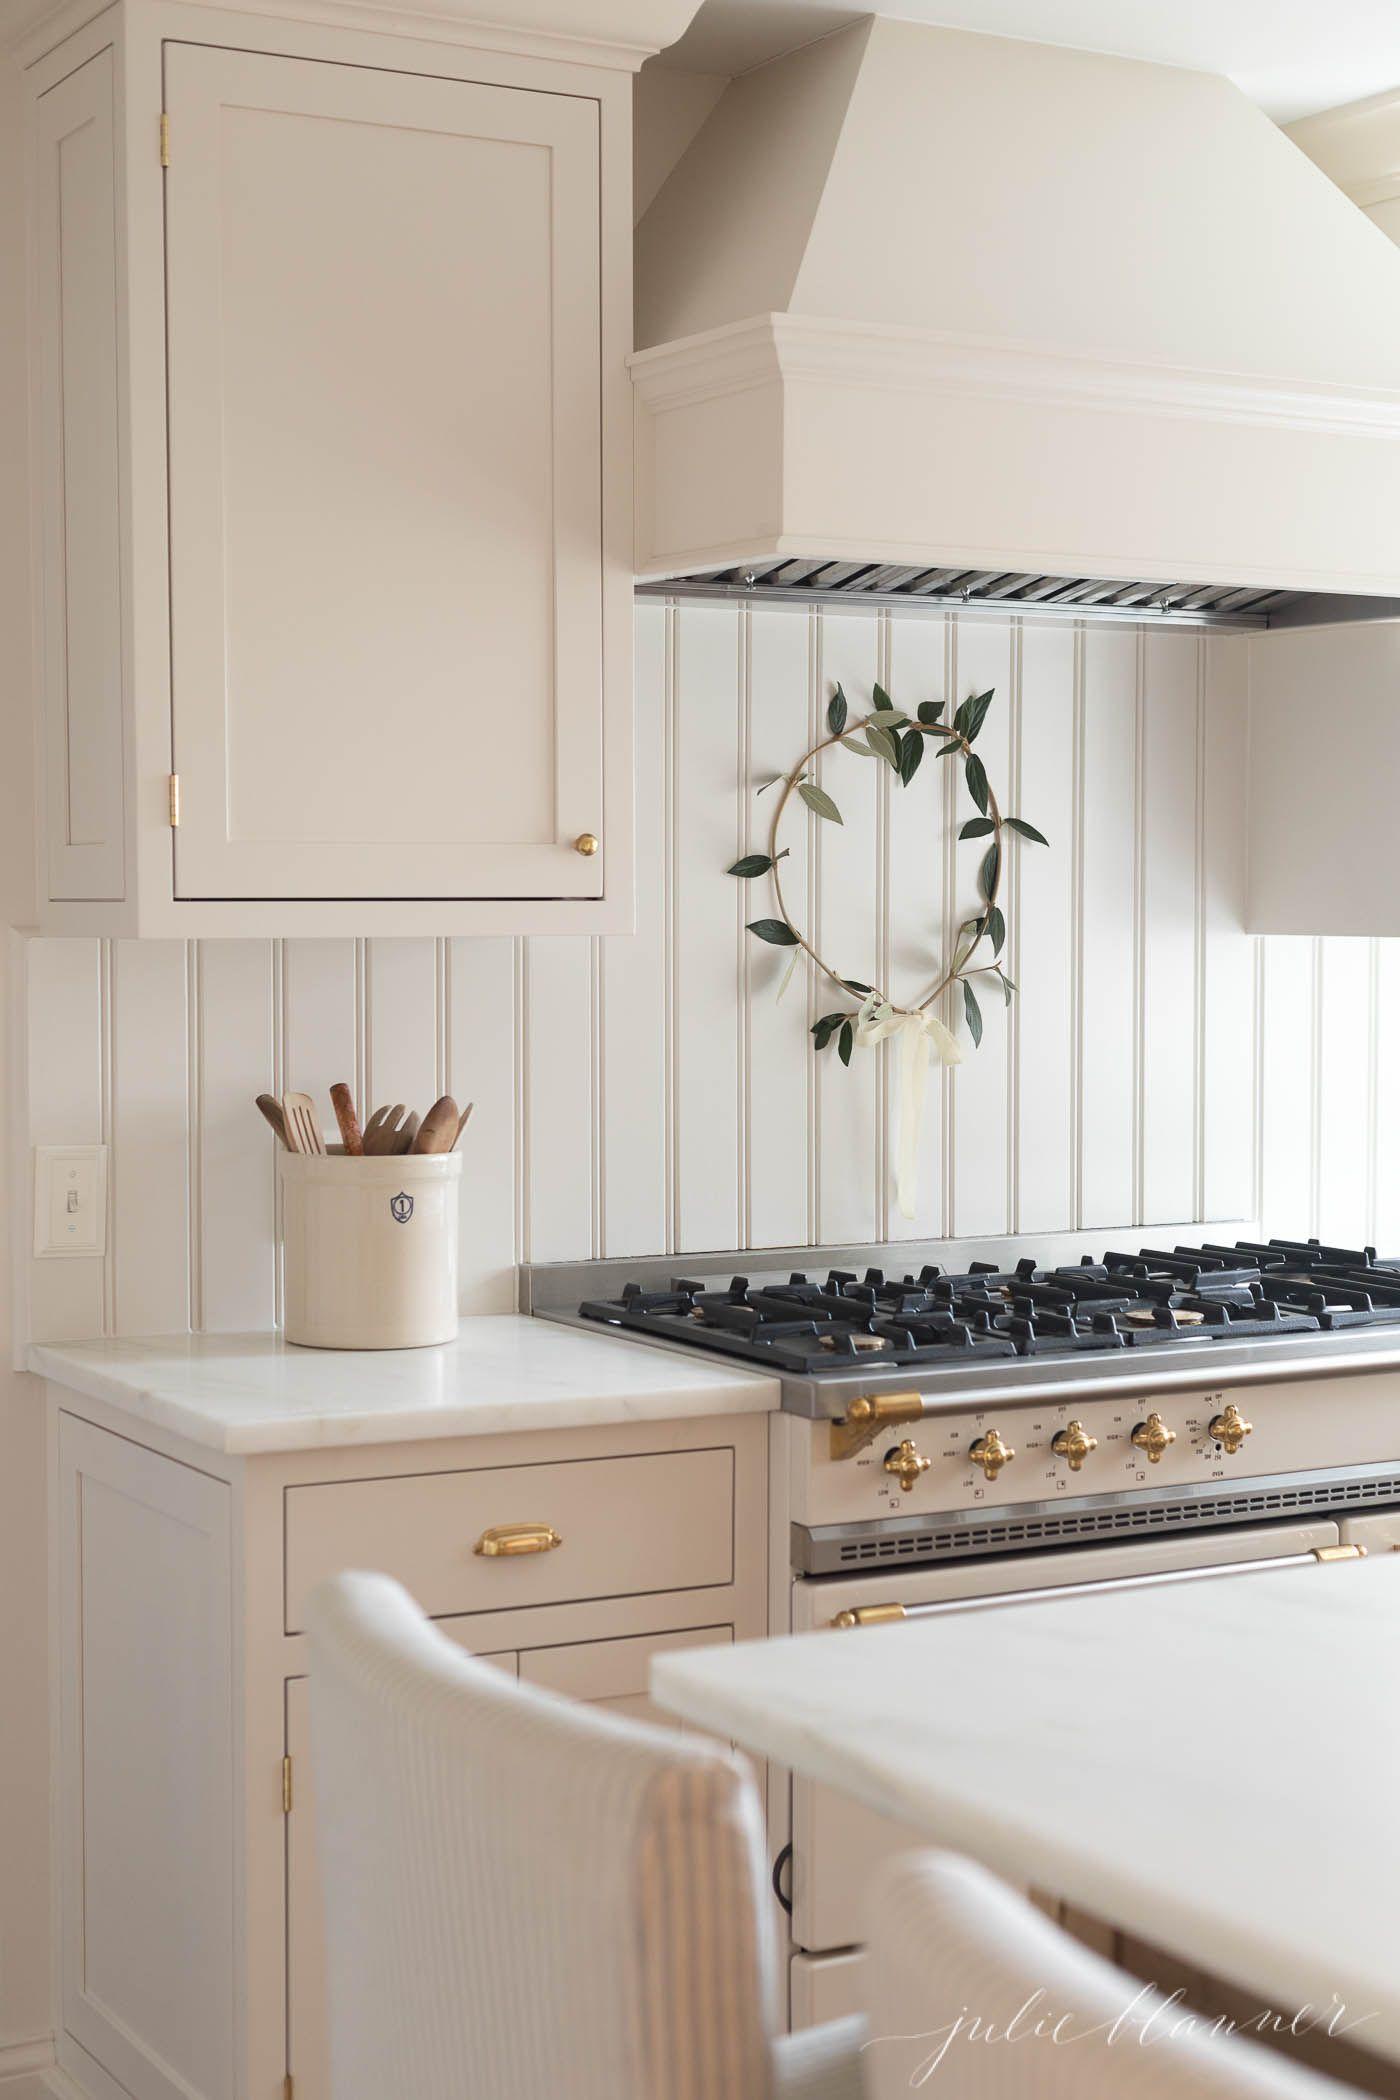 Christmas kitchen Julie Blanner Kitchen in 2018